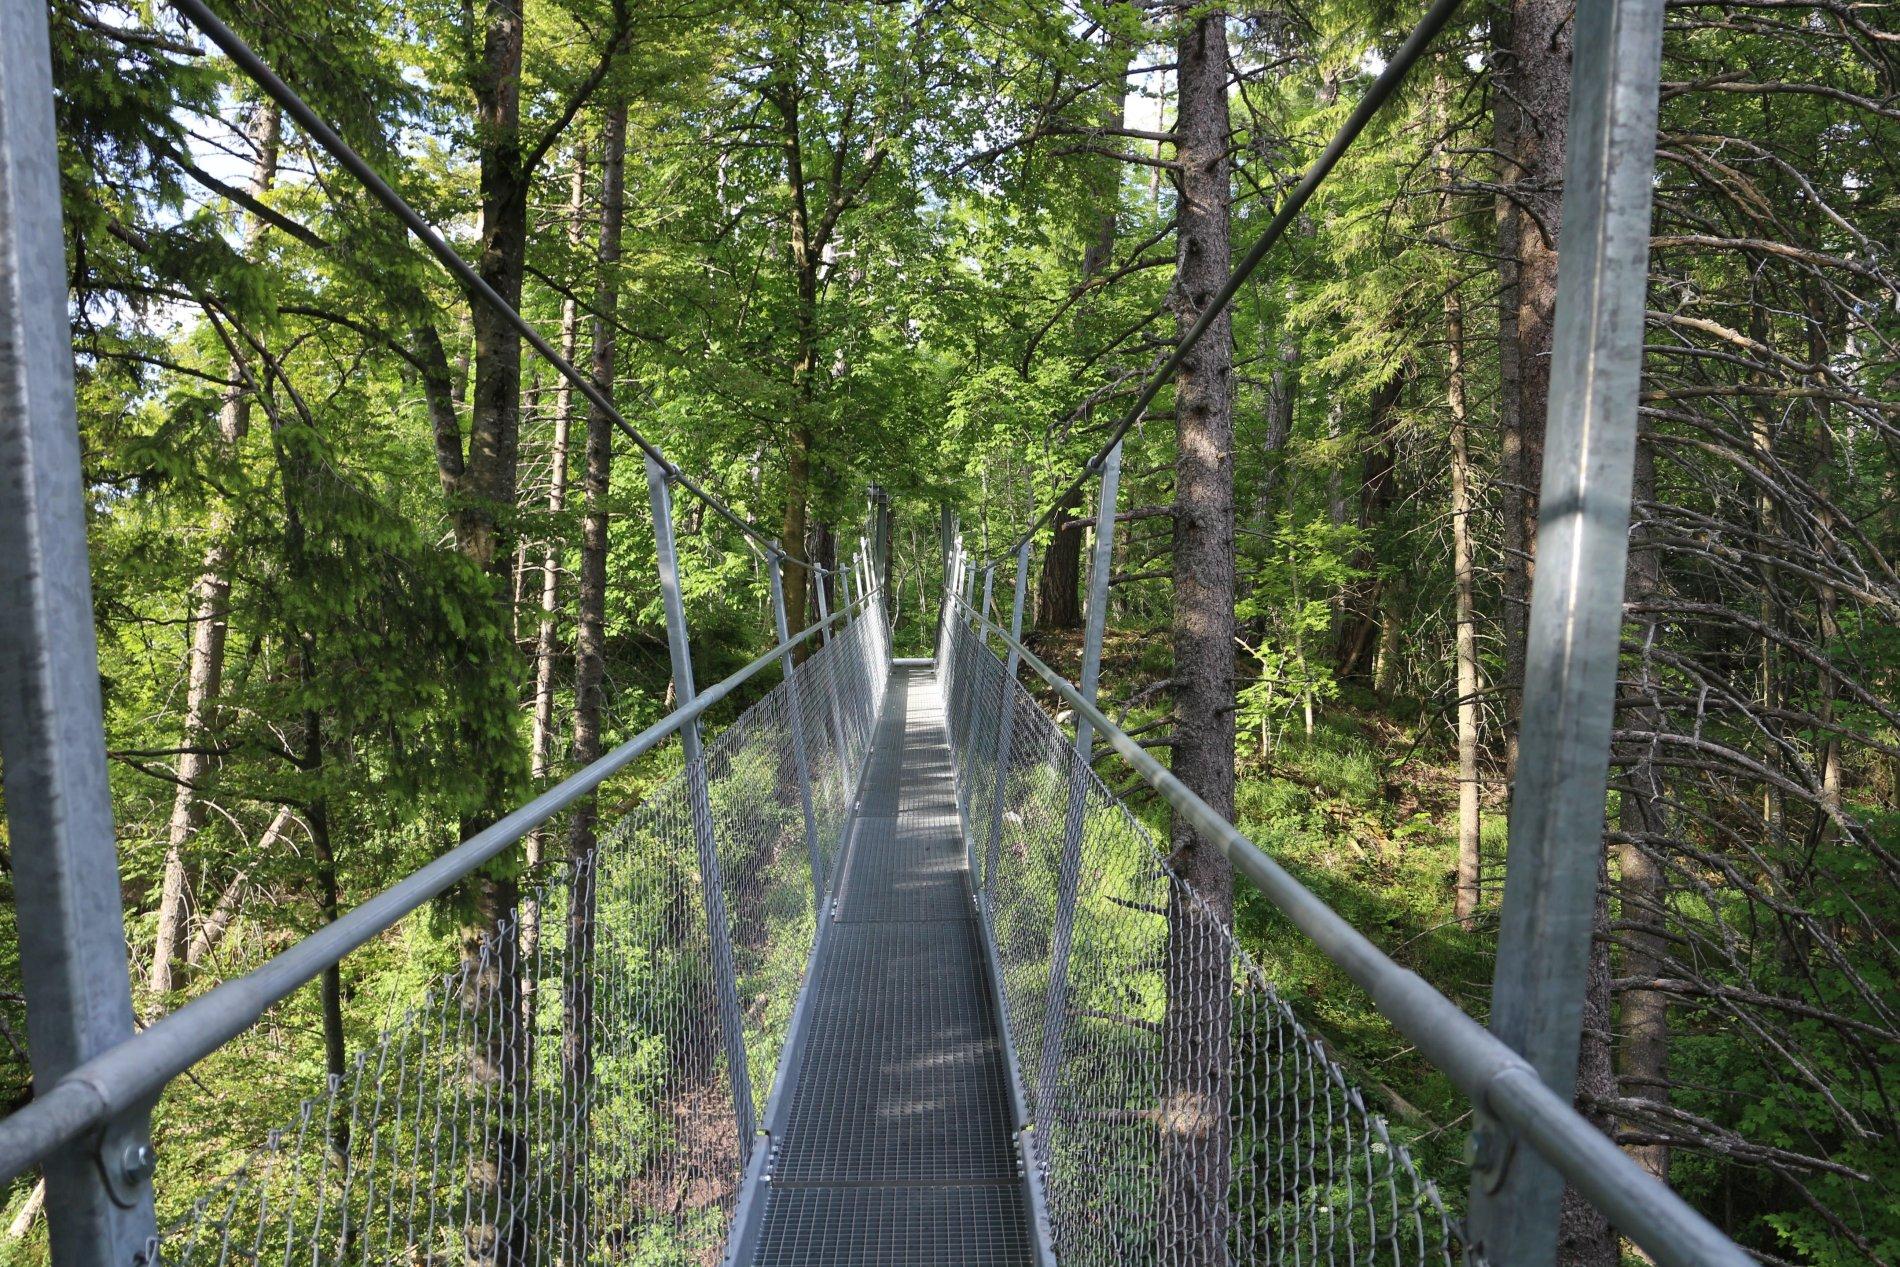 Hängebrücke aus Metall am Oberhohenberg